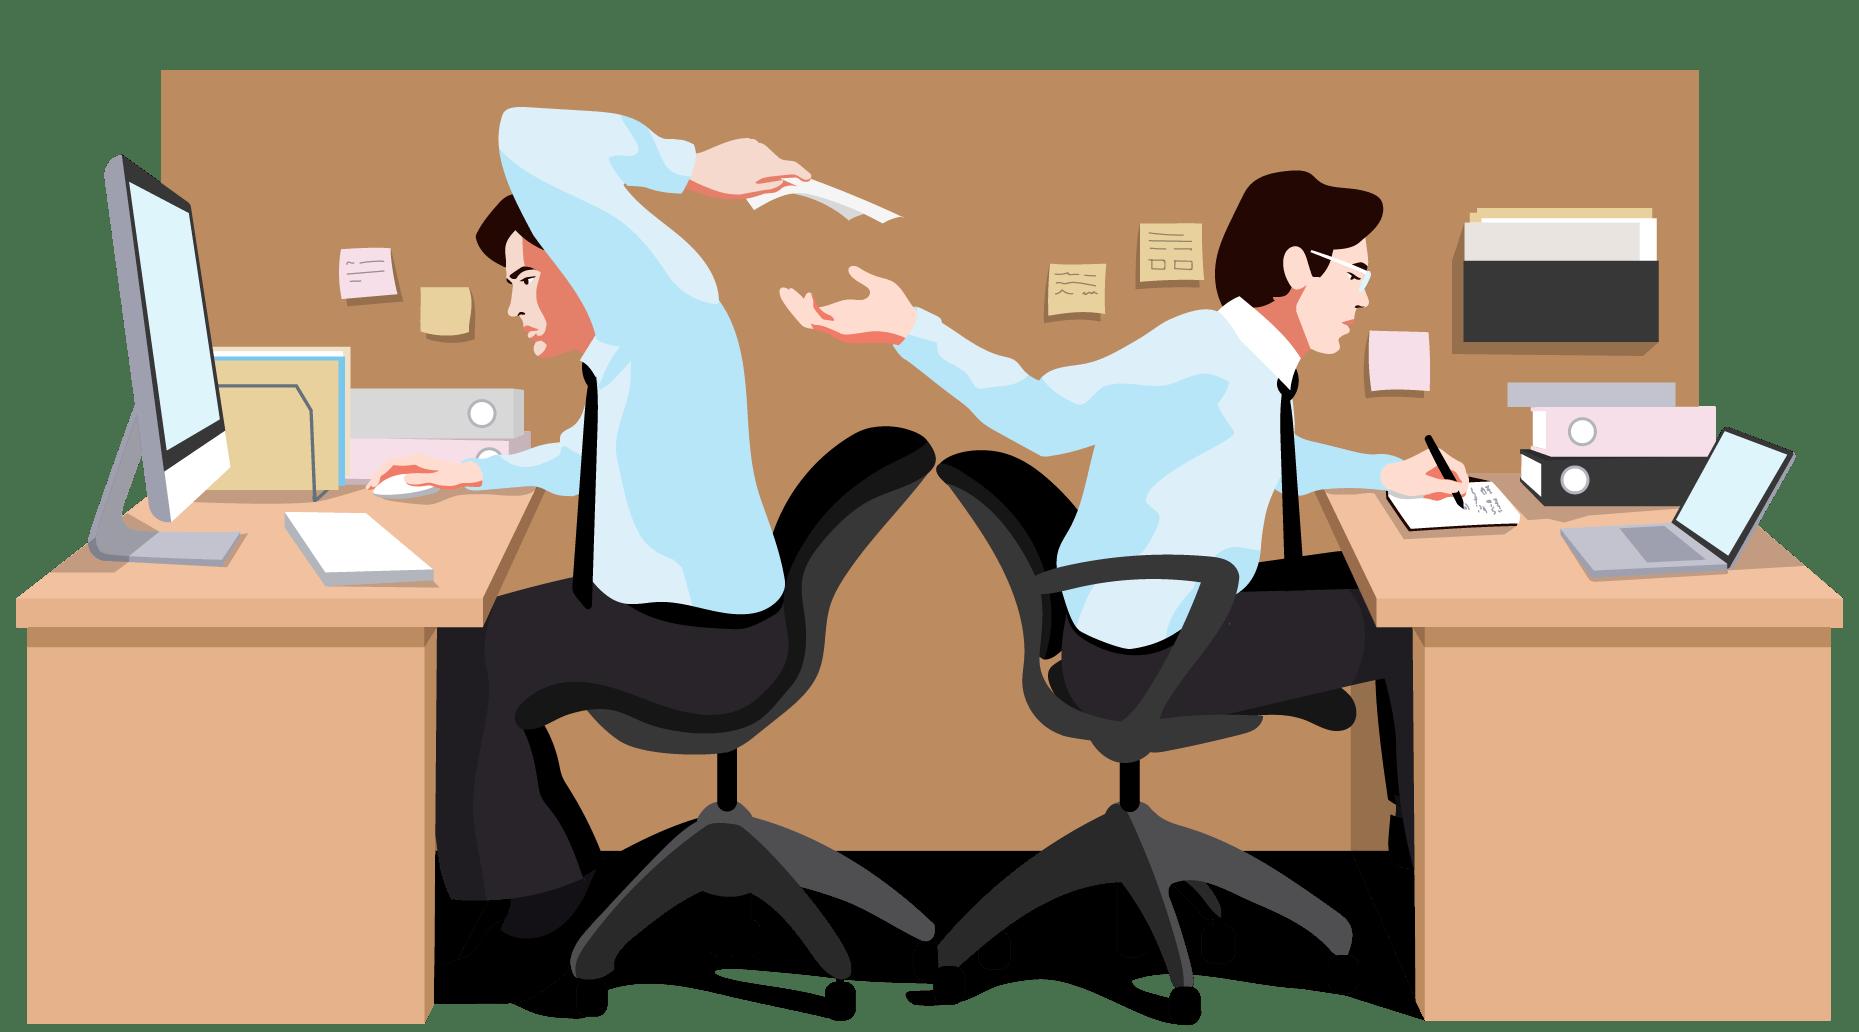 Zwei Büroangestellte reichen einander Papier während der Arbeit